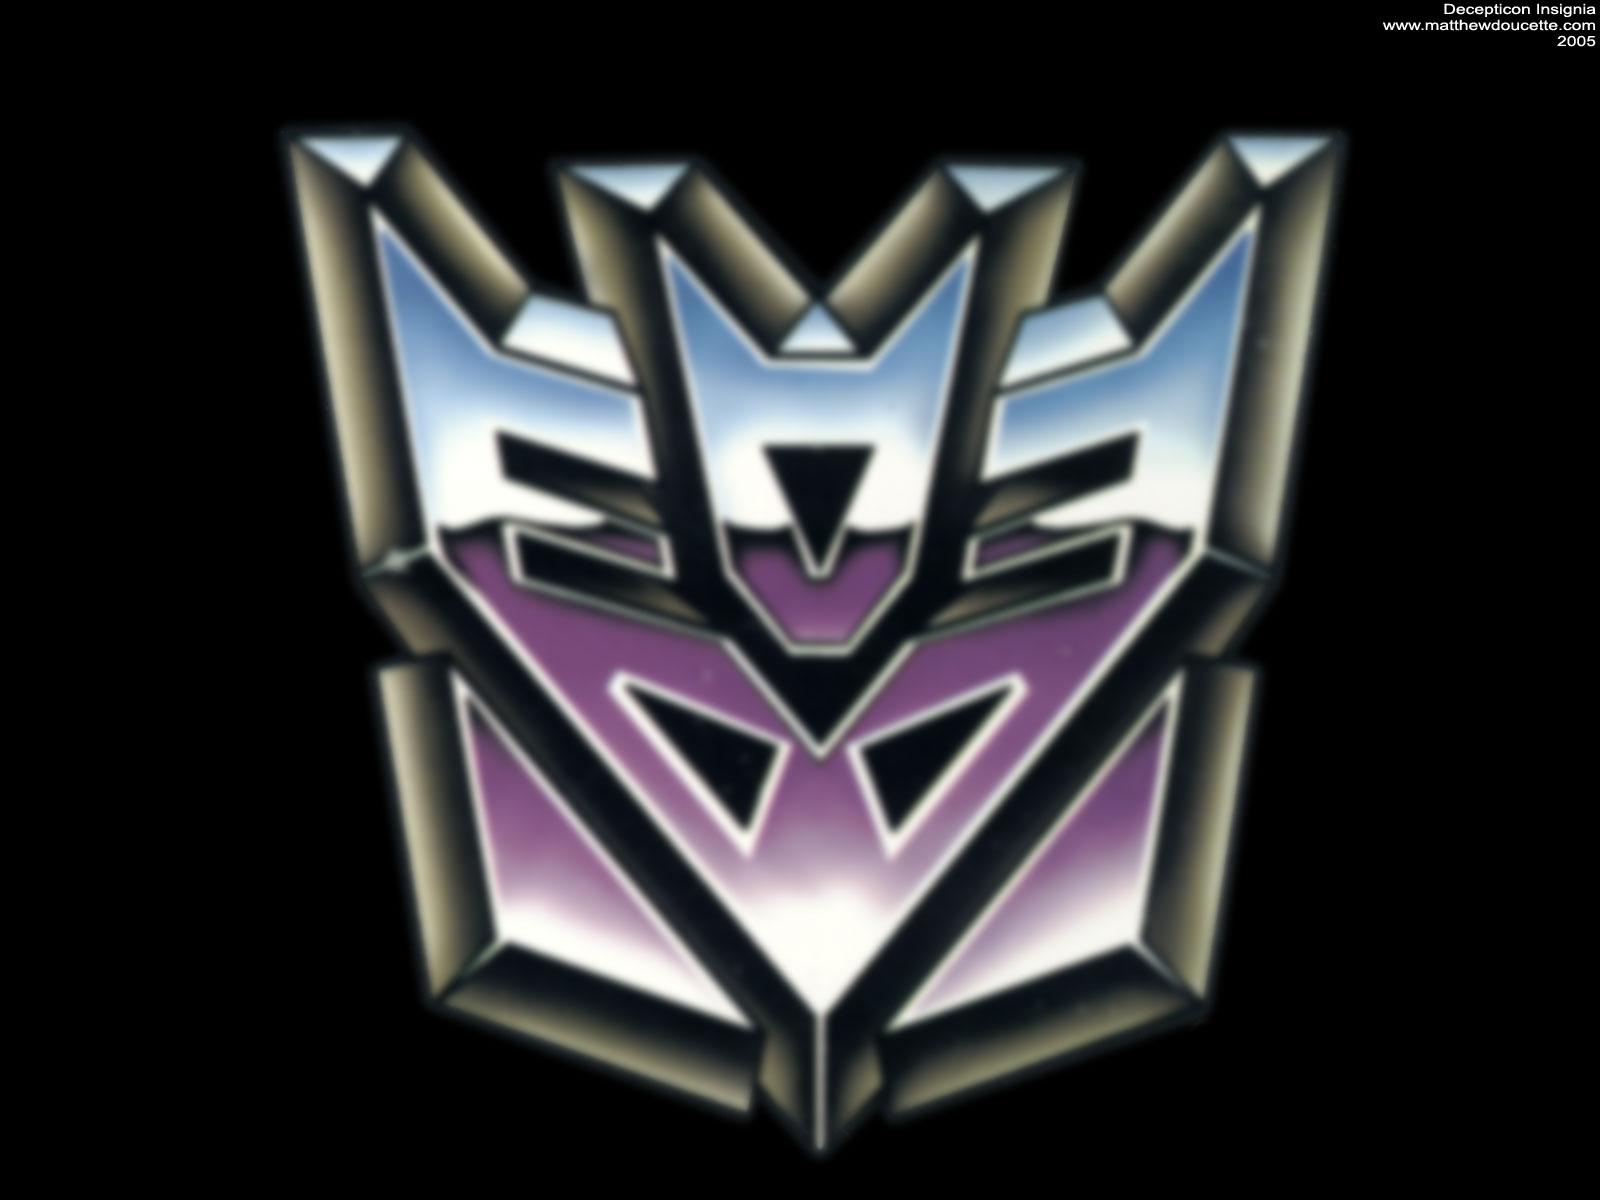 Blurred Transformers Decepticon Insignia Logo 1600x1200